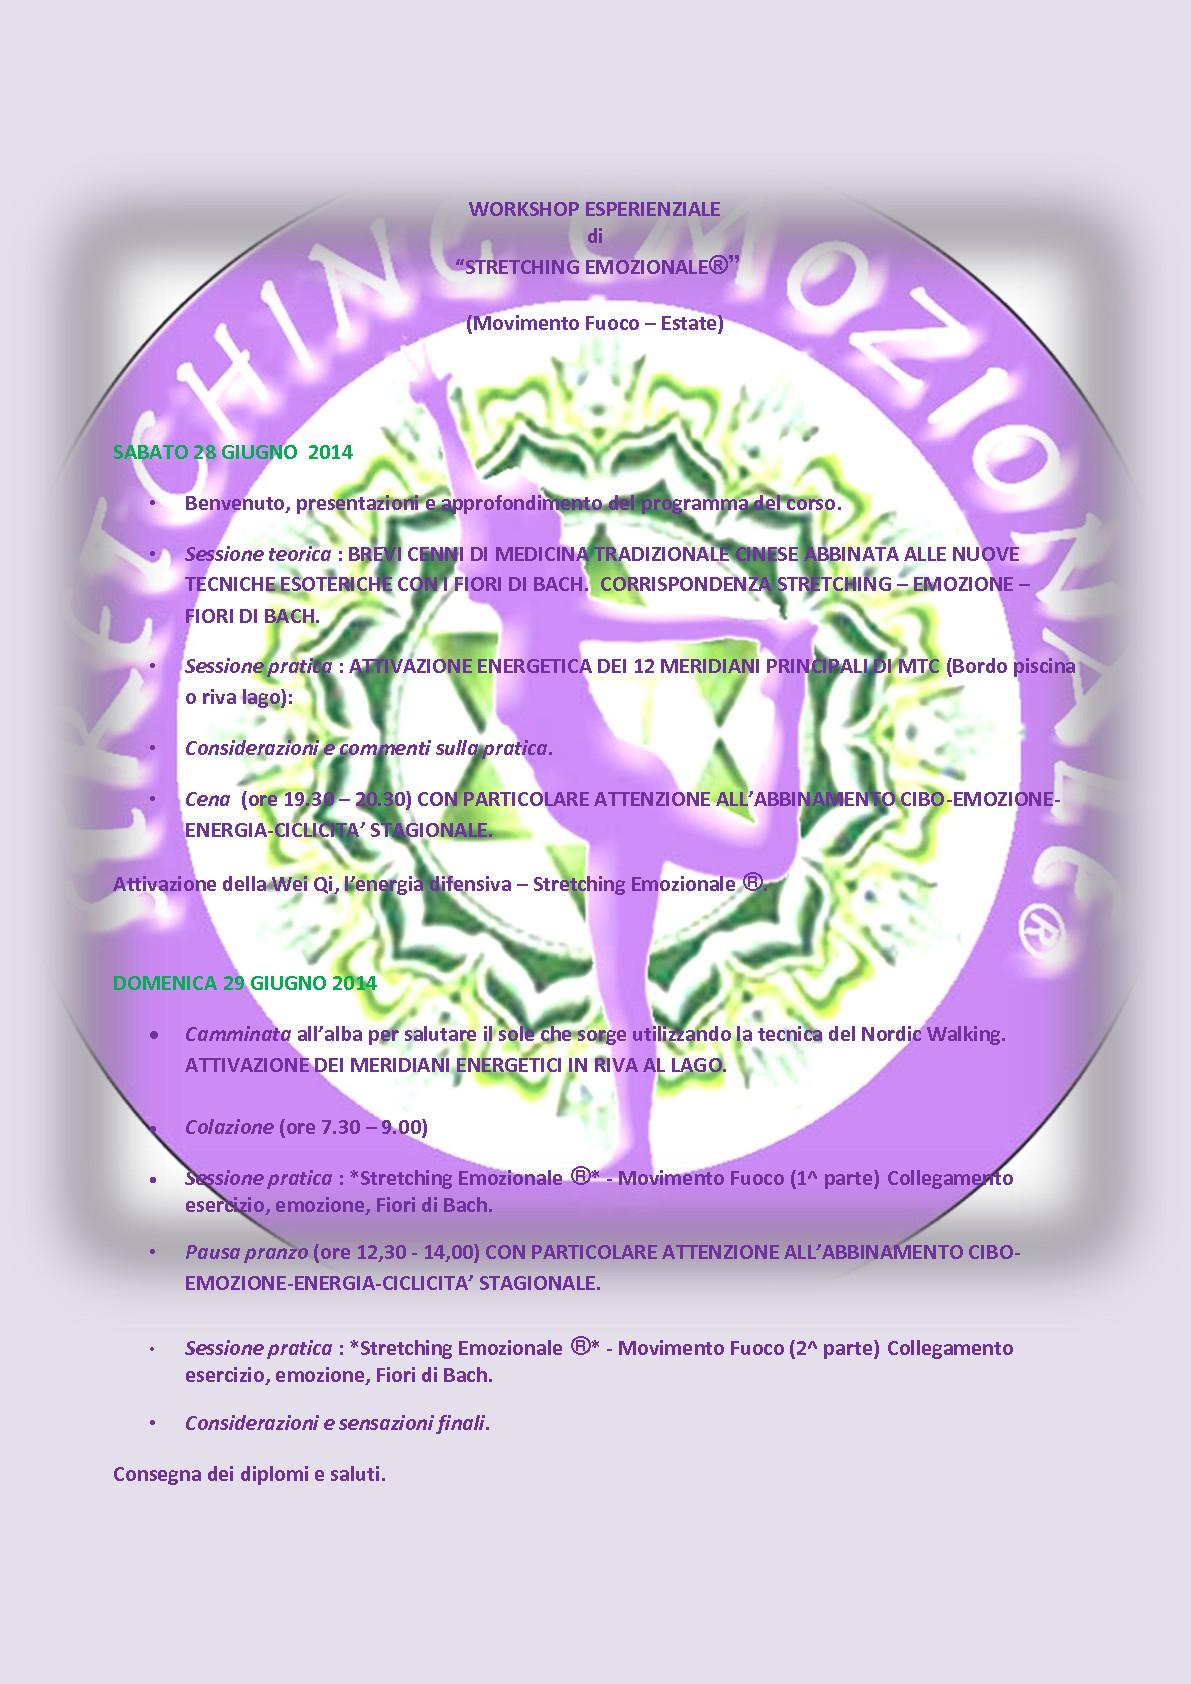 WORKSHOP ESPERIENZIALE-001-001